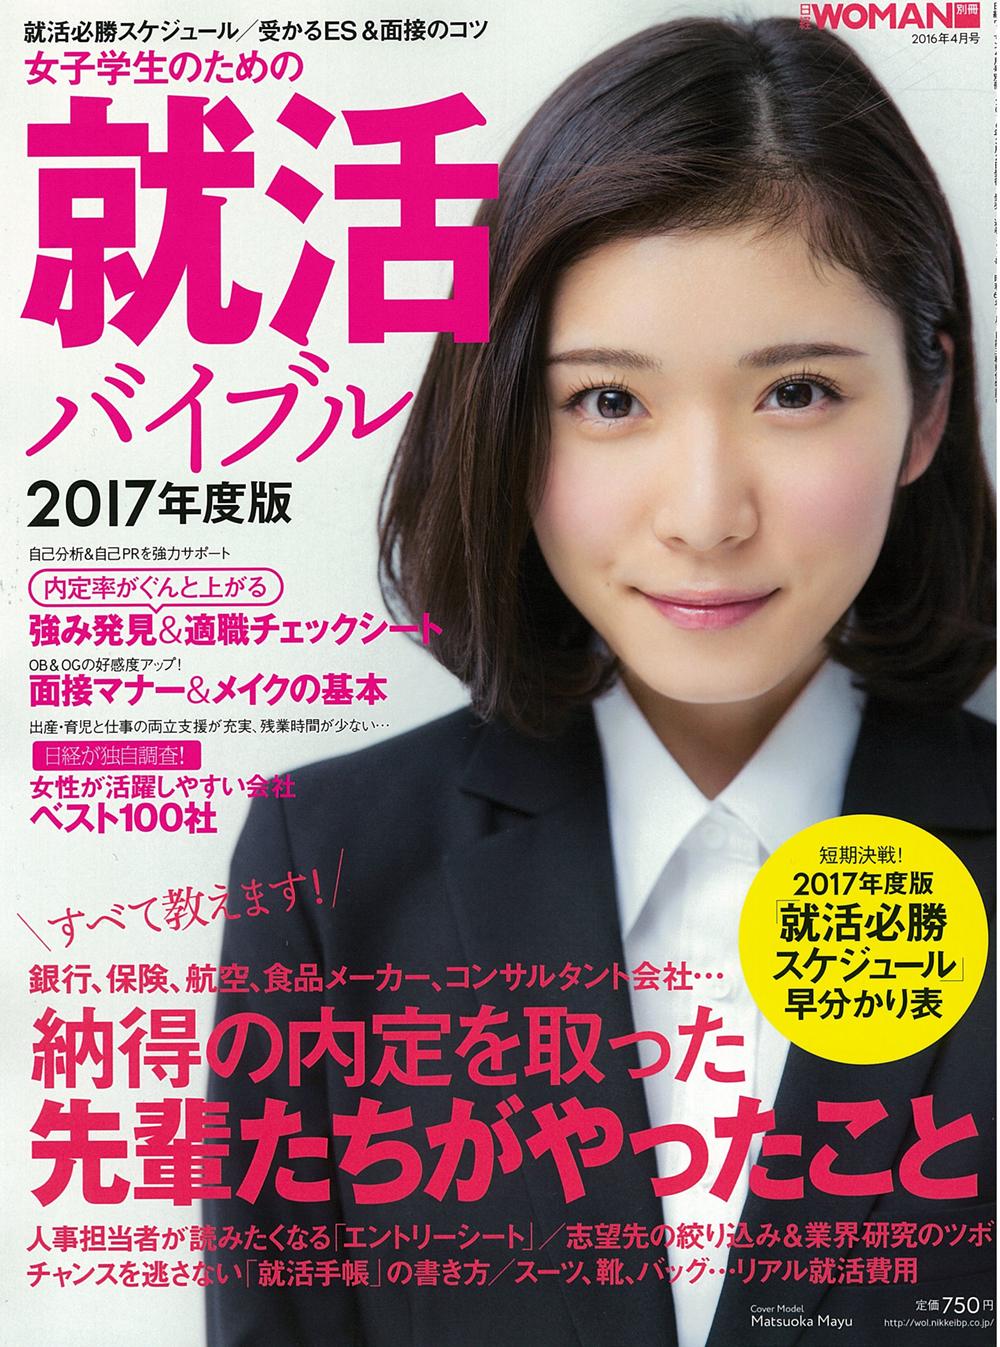 女子学生のための就活バイブル2017年度版